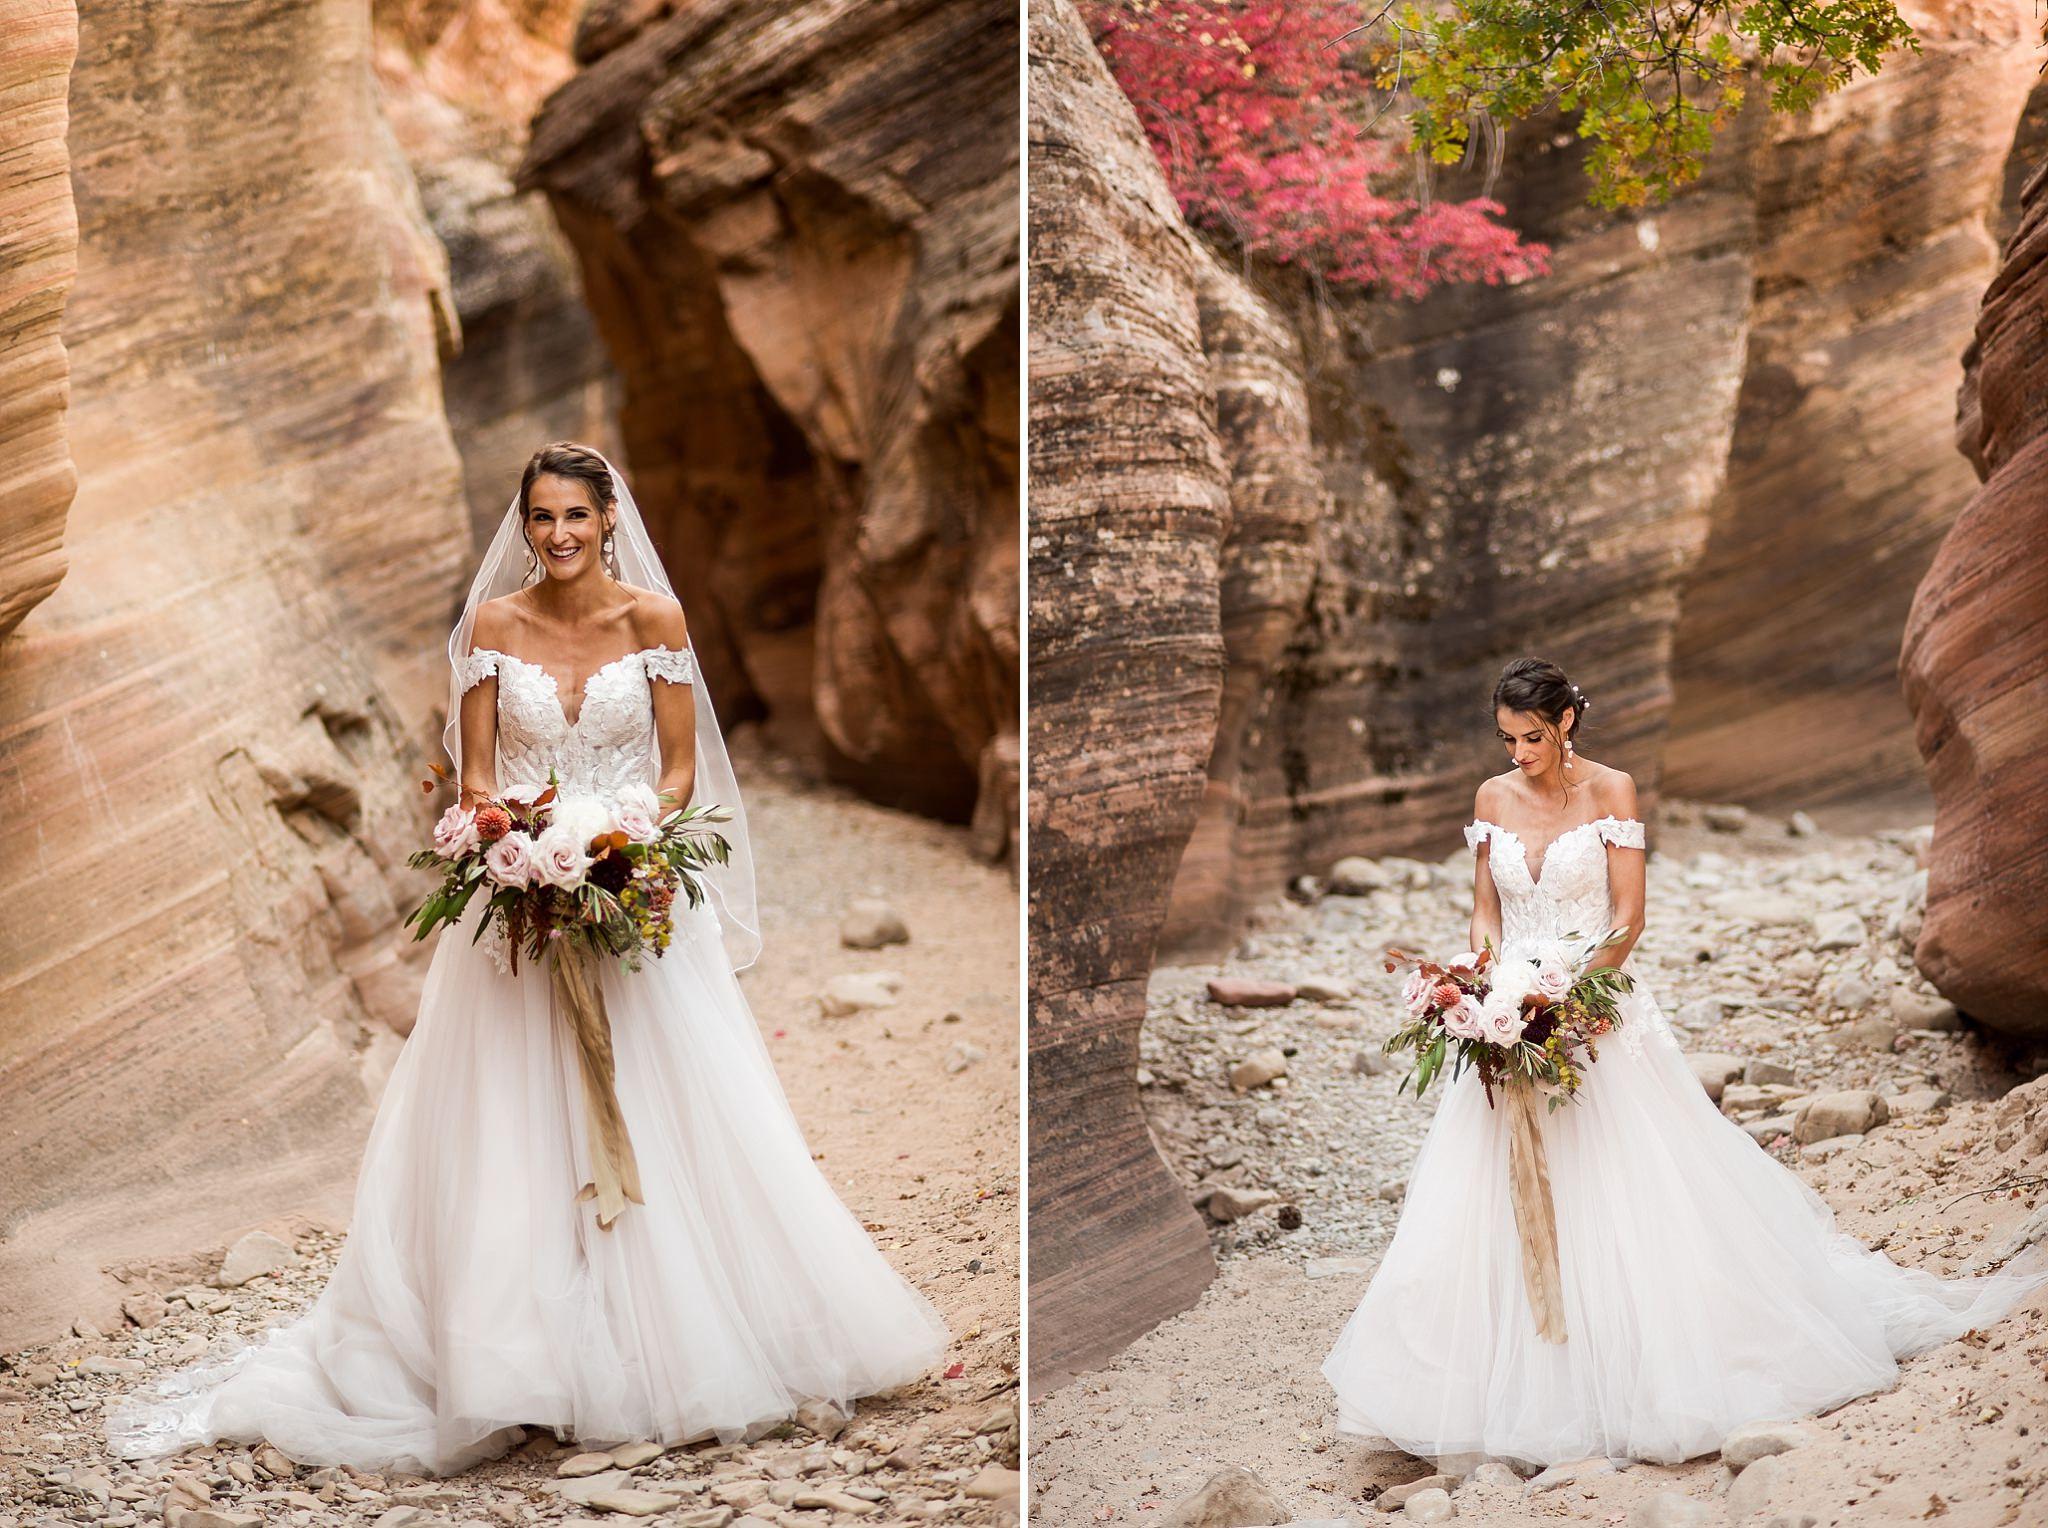 Slot Canyon Portraits of Bride